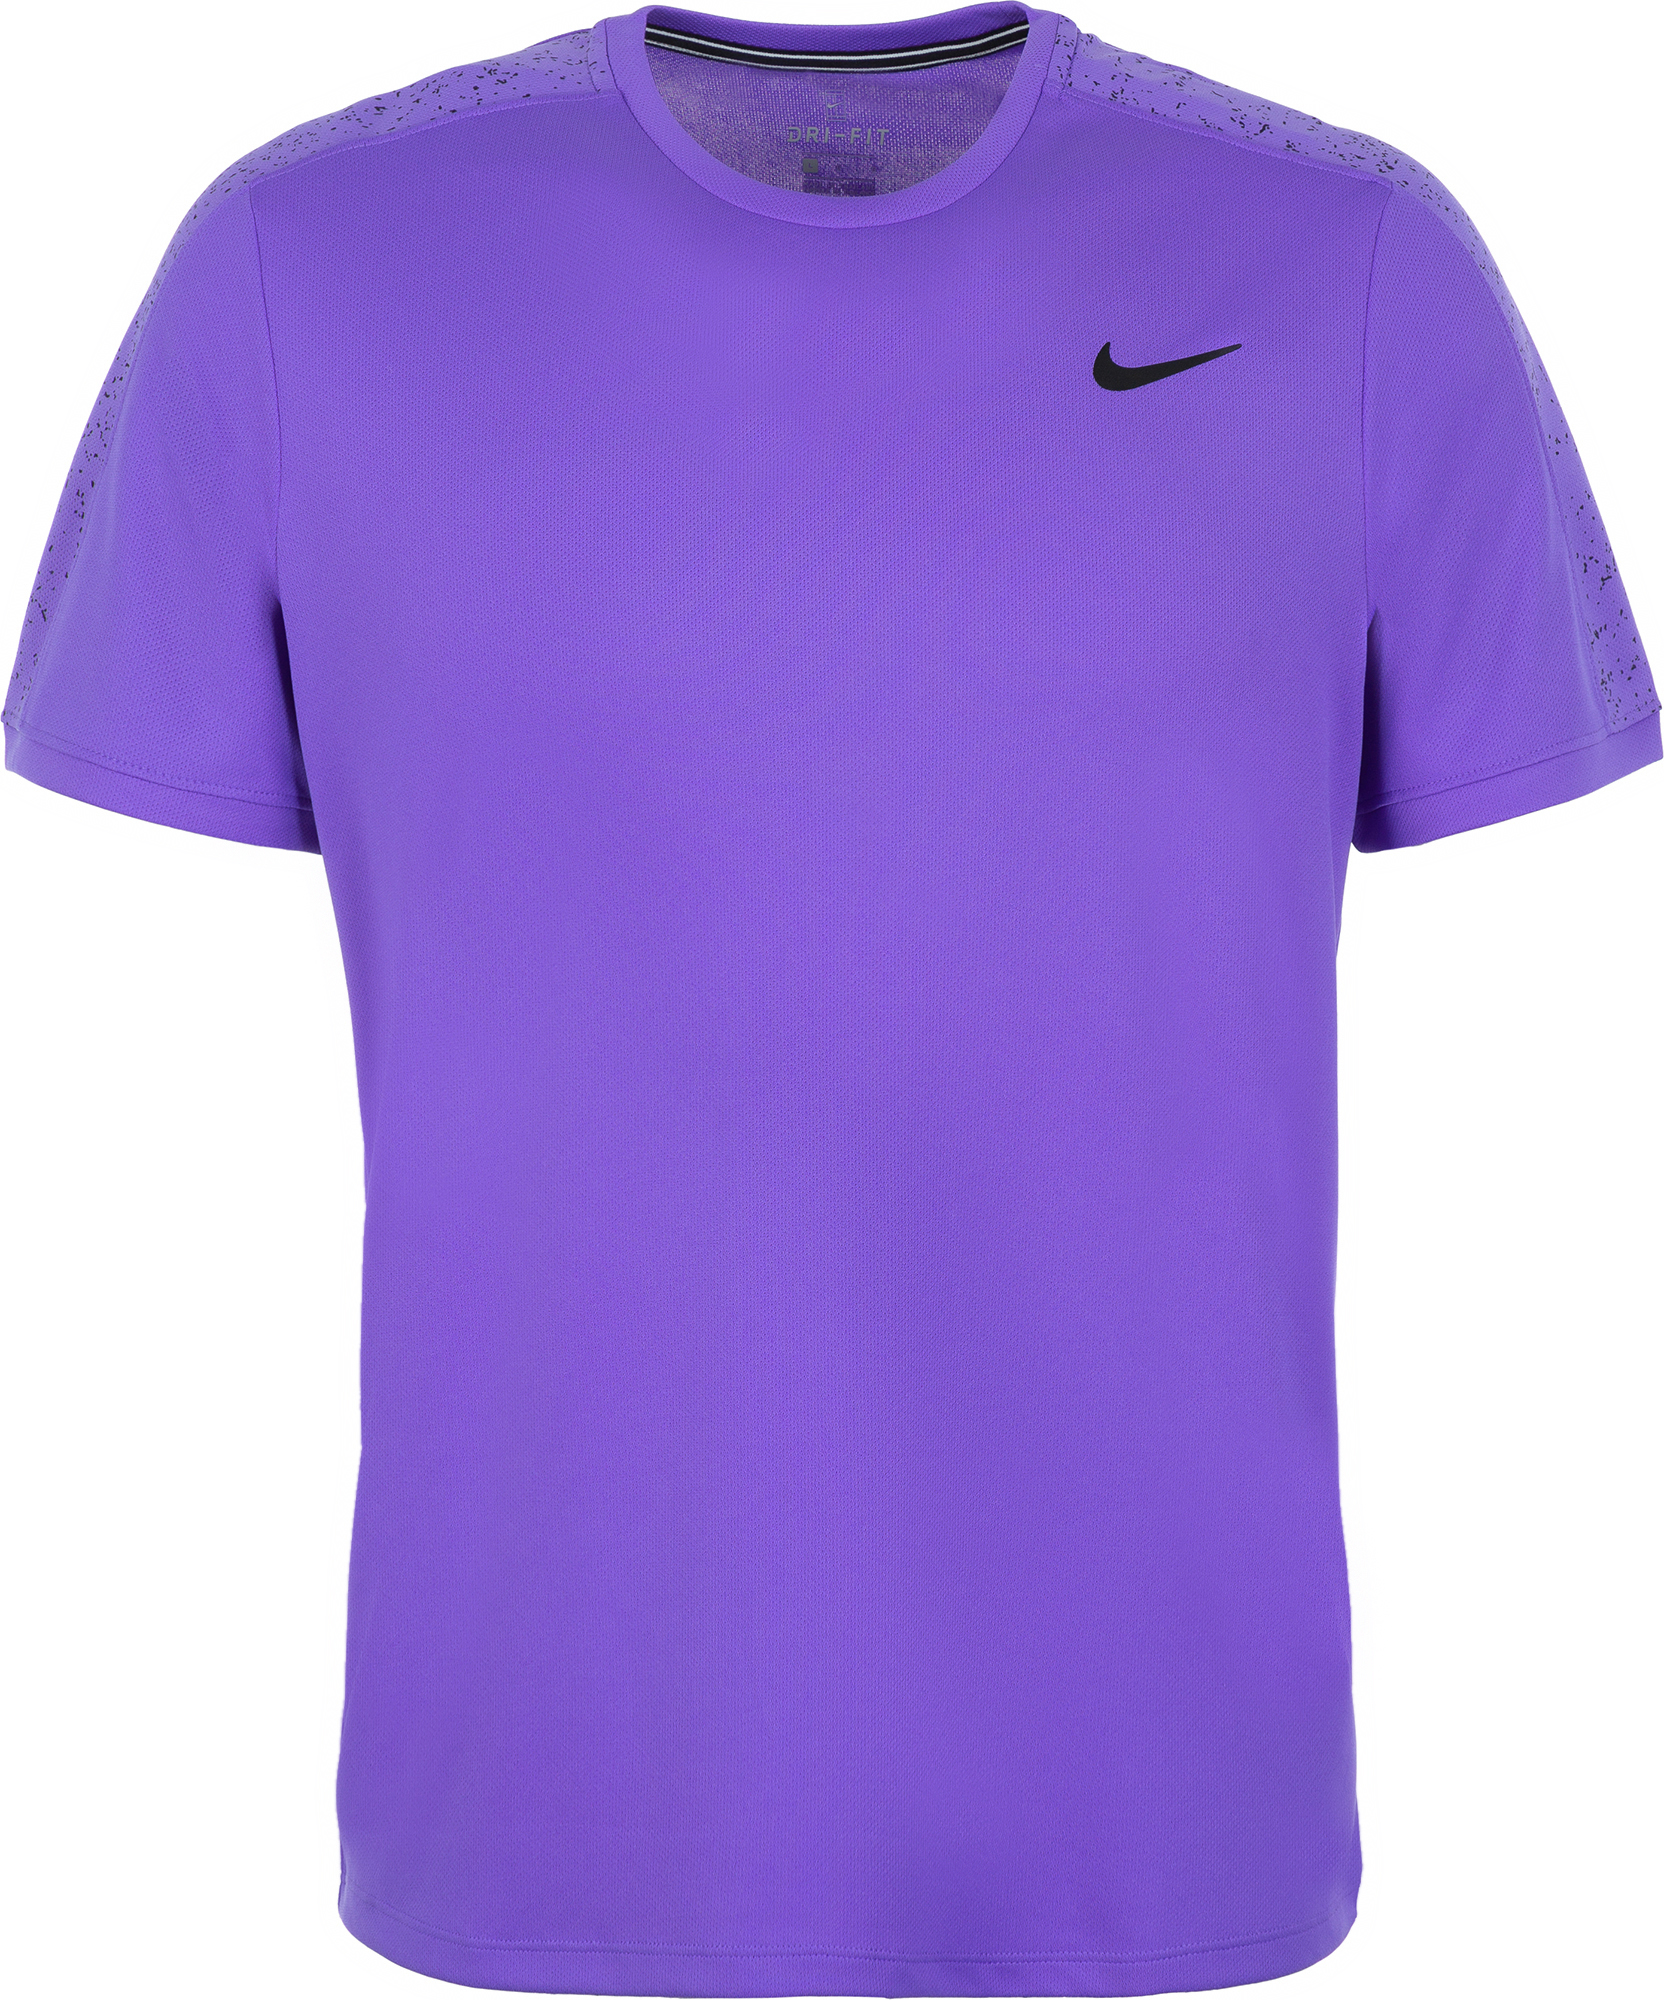 Nike Футболка мужская Nike Court Dry, размер 52-54 все цены